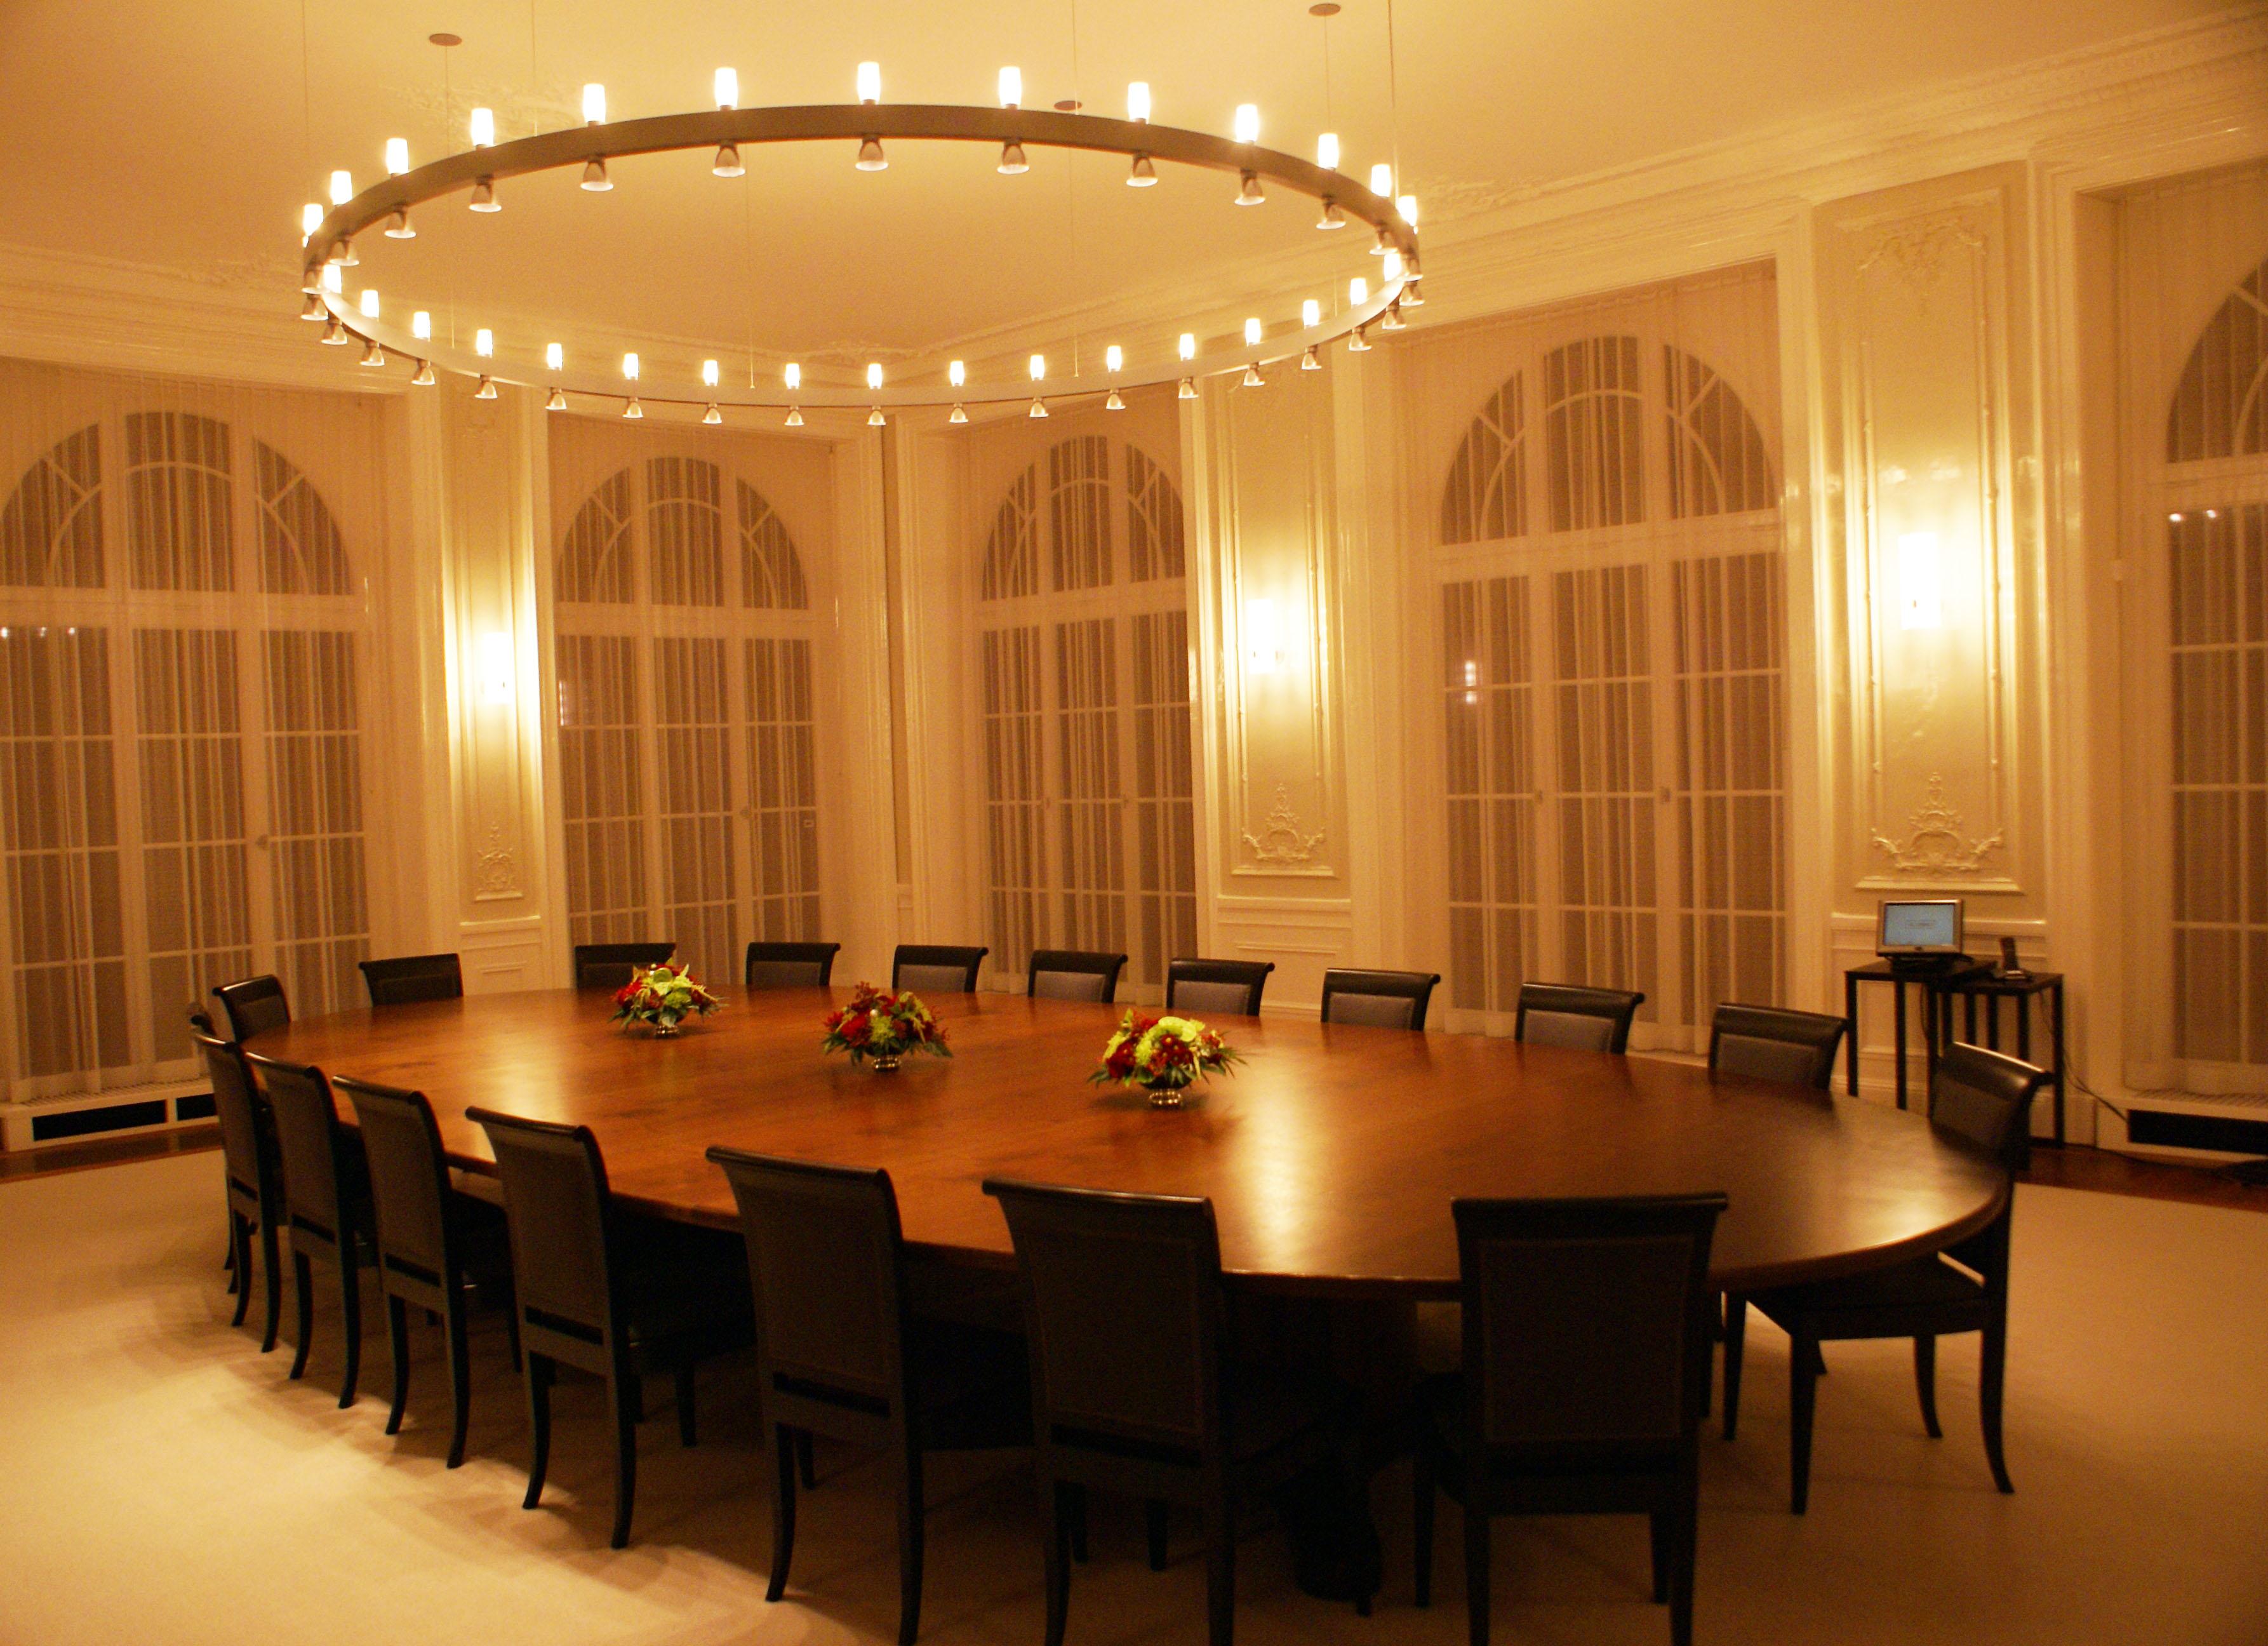 beleuchtung einebinsenweisheit. Black Bedroom Furniture Sets. Home Design Ideas